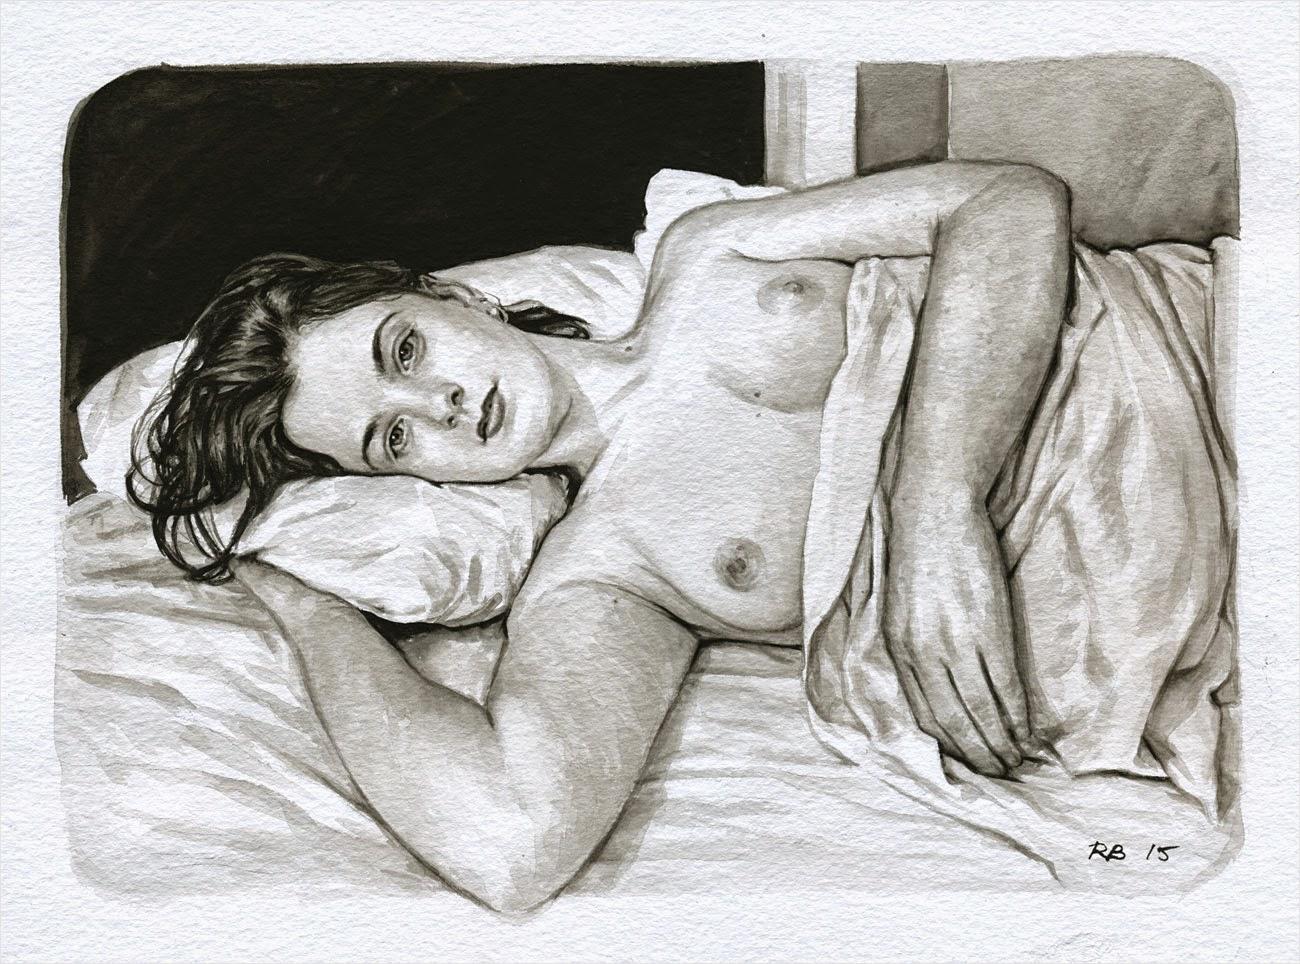 René Bui - Etude de nu à l'aquarelle 150130 - 2015